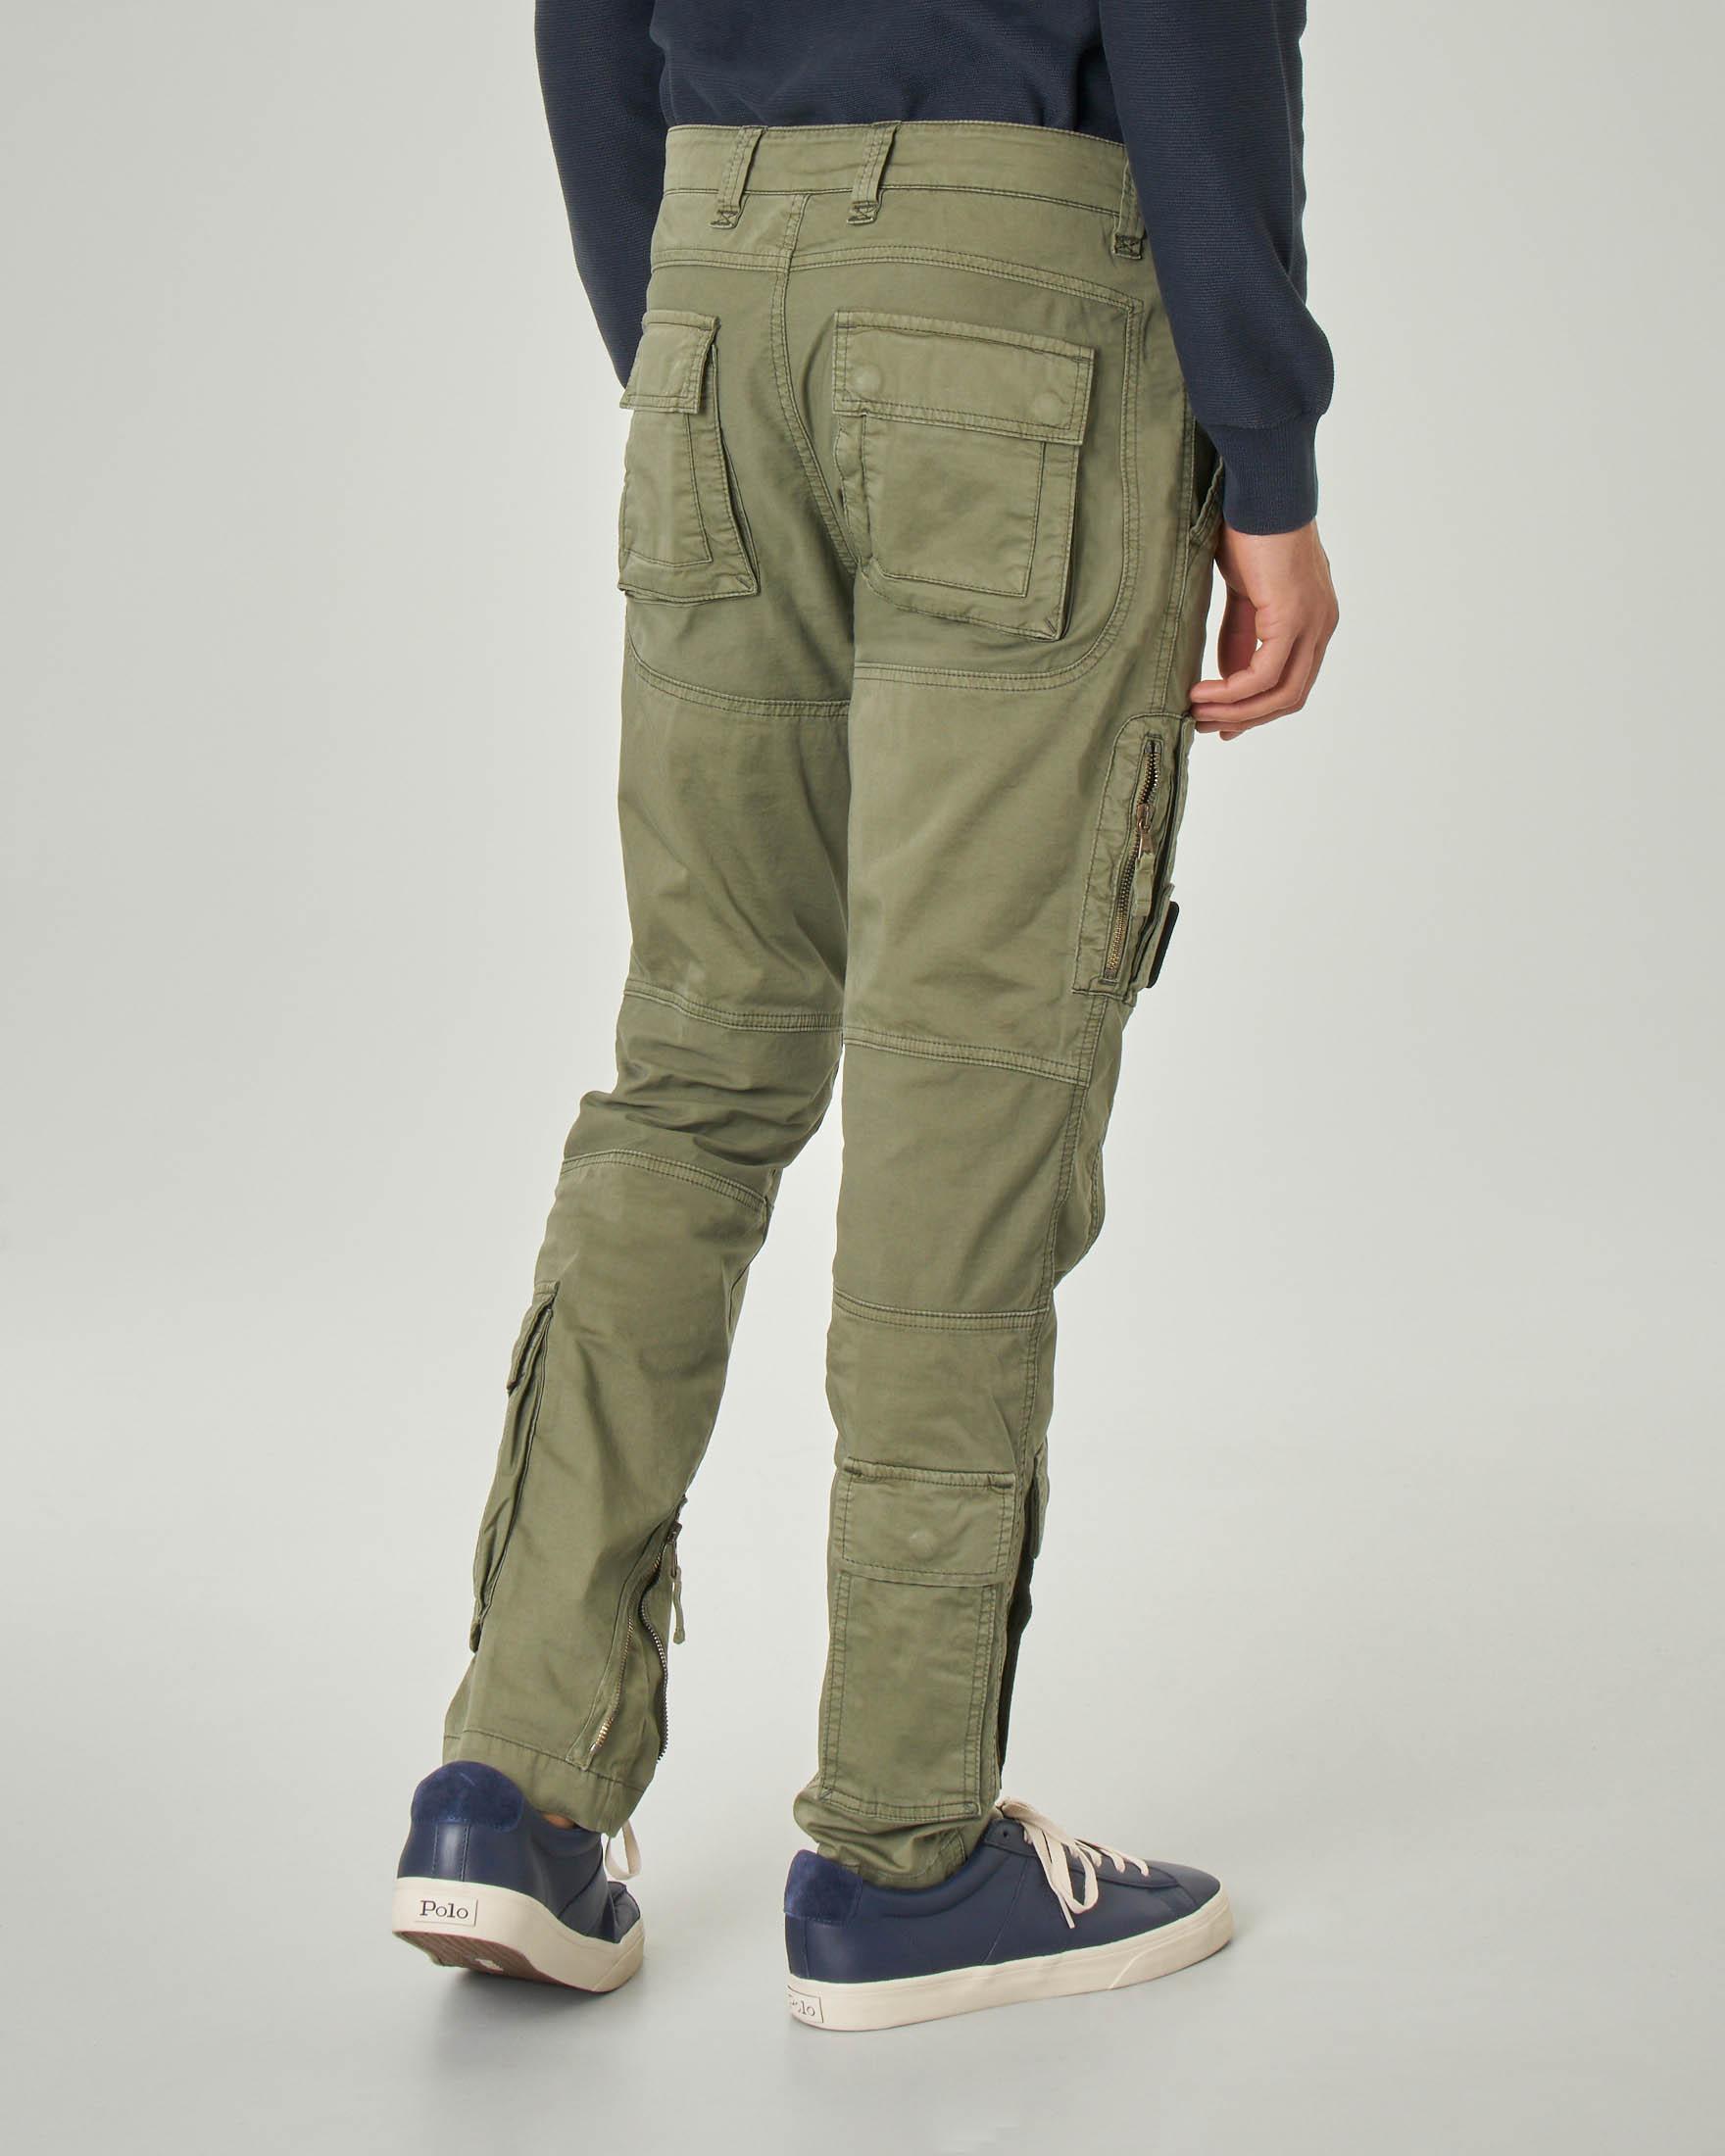 Pantalone Anti G verde militare in raso stretch | Pellizzari E commerce